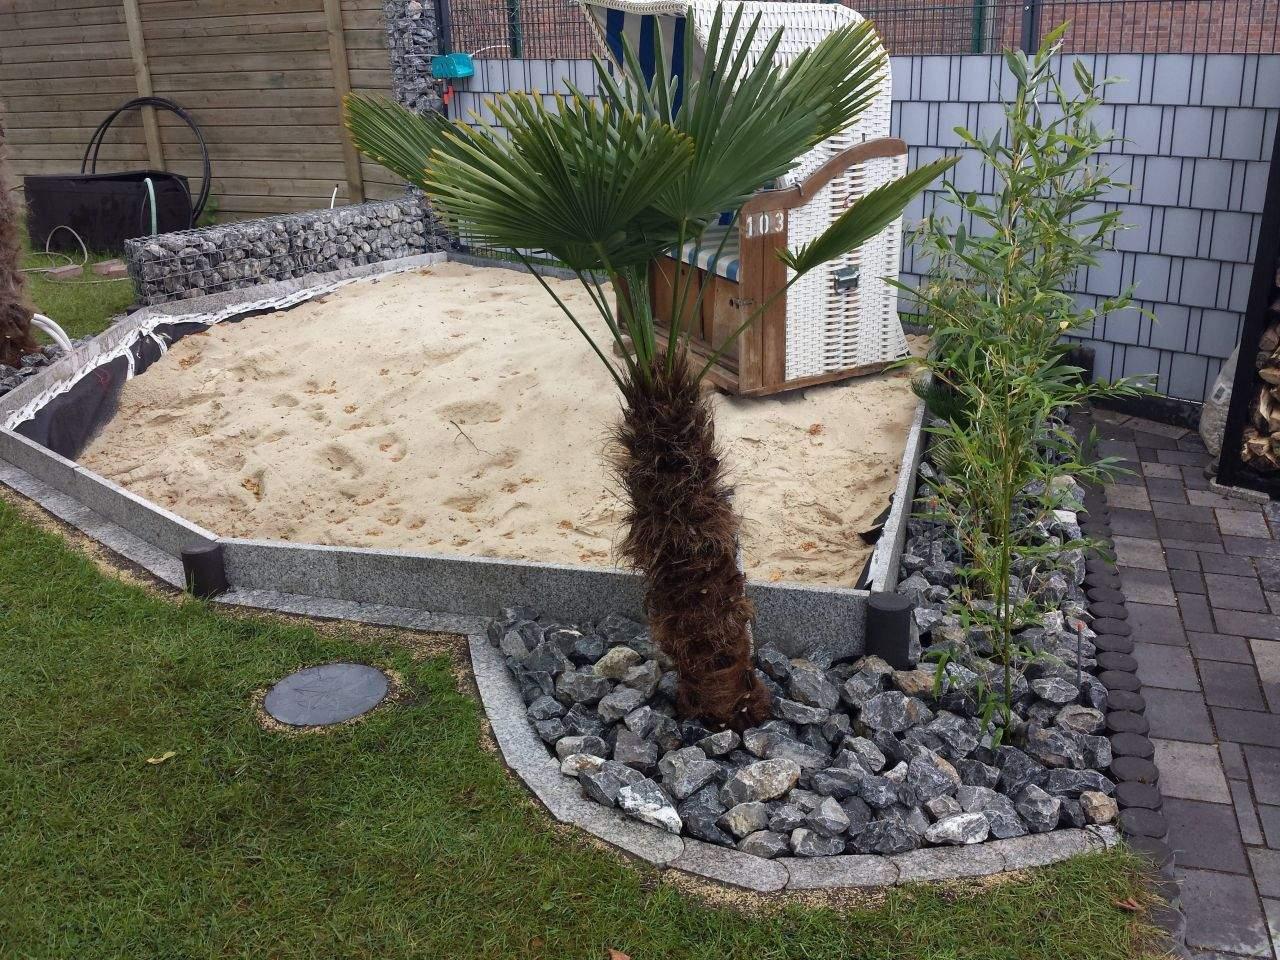 garten oase genial sandkasten mit mediterranem flair bauanleitung zum of garten oase